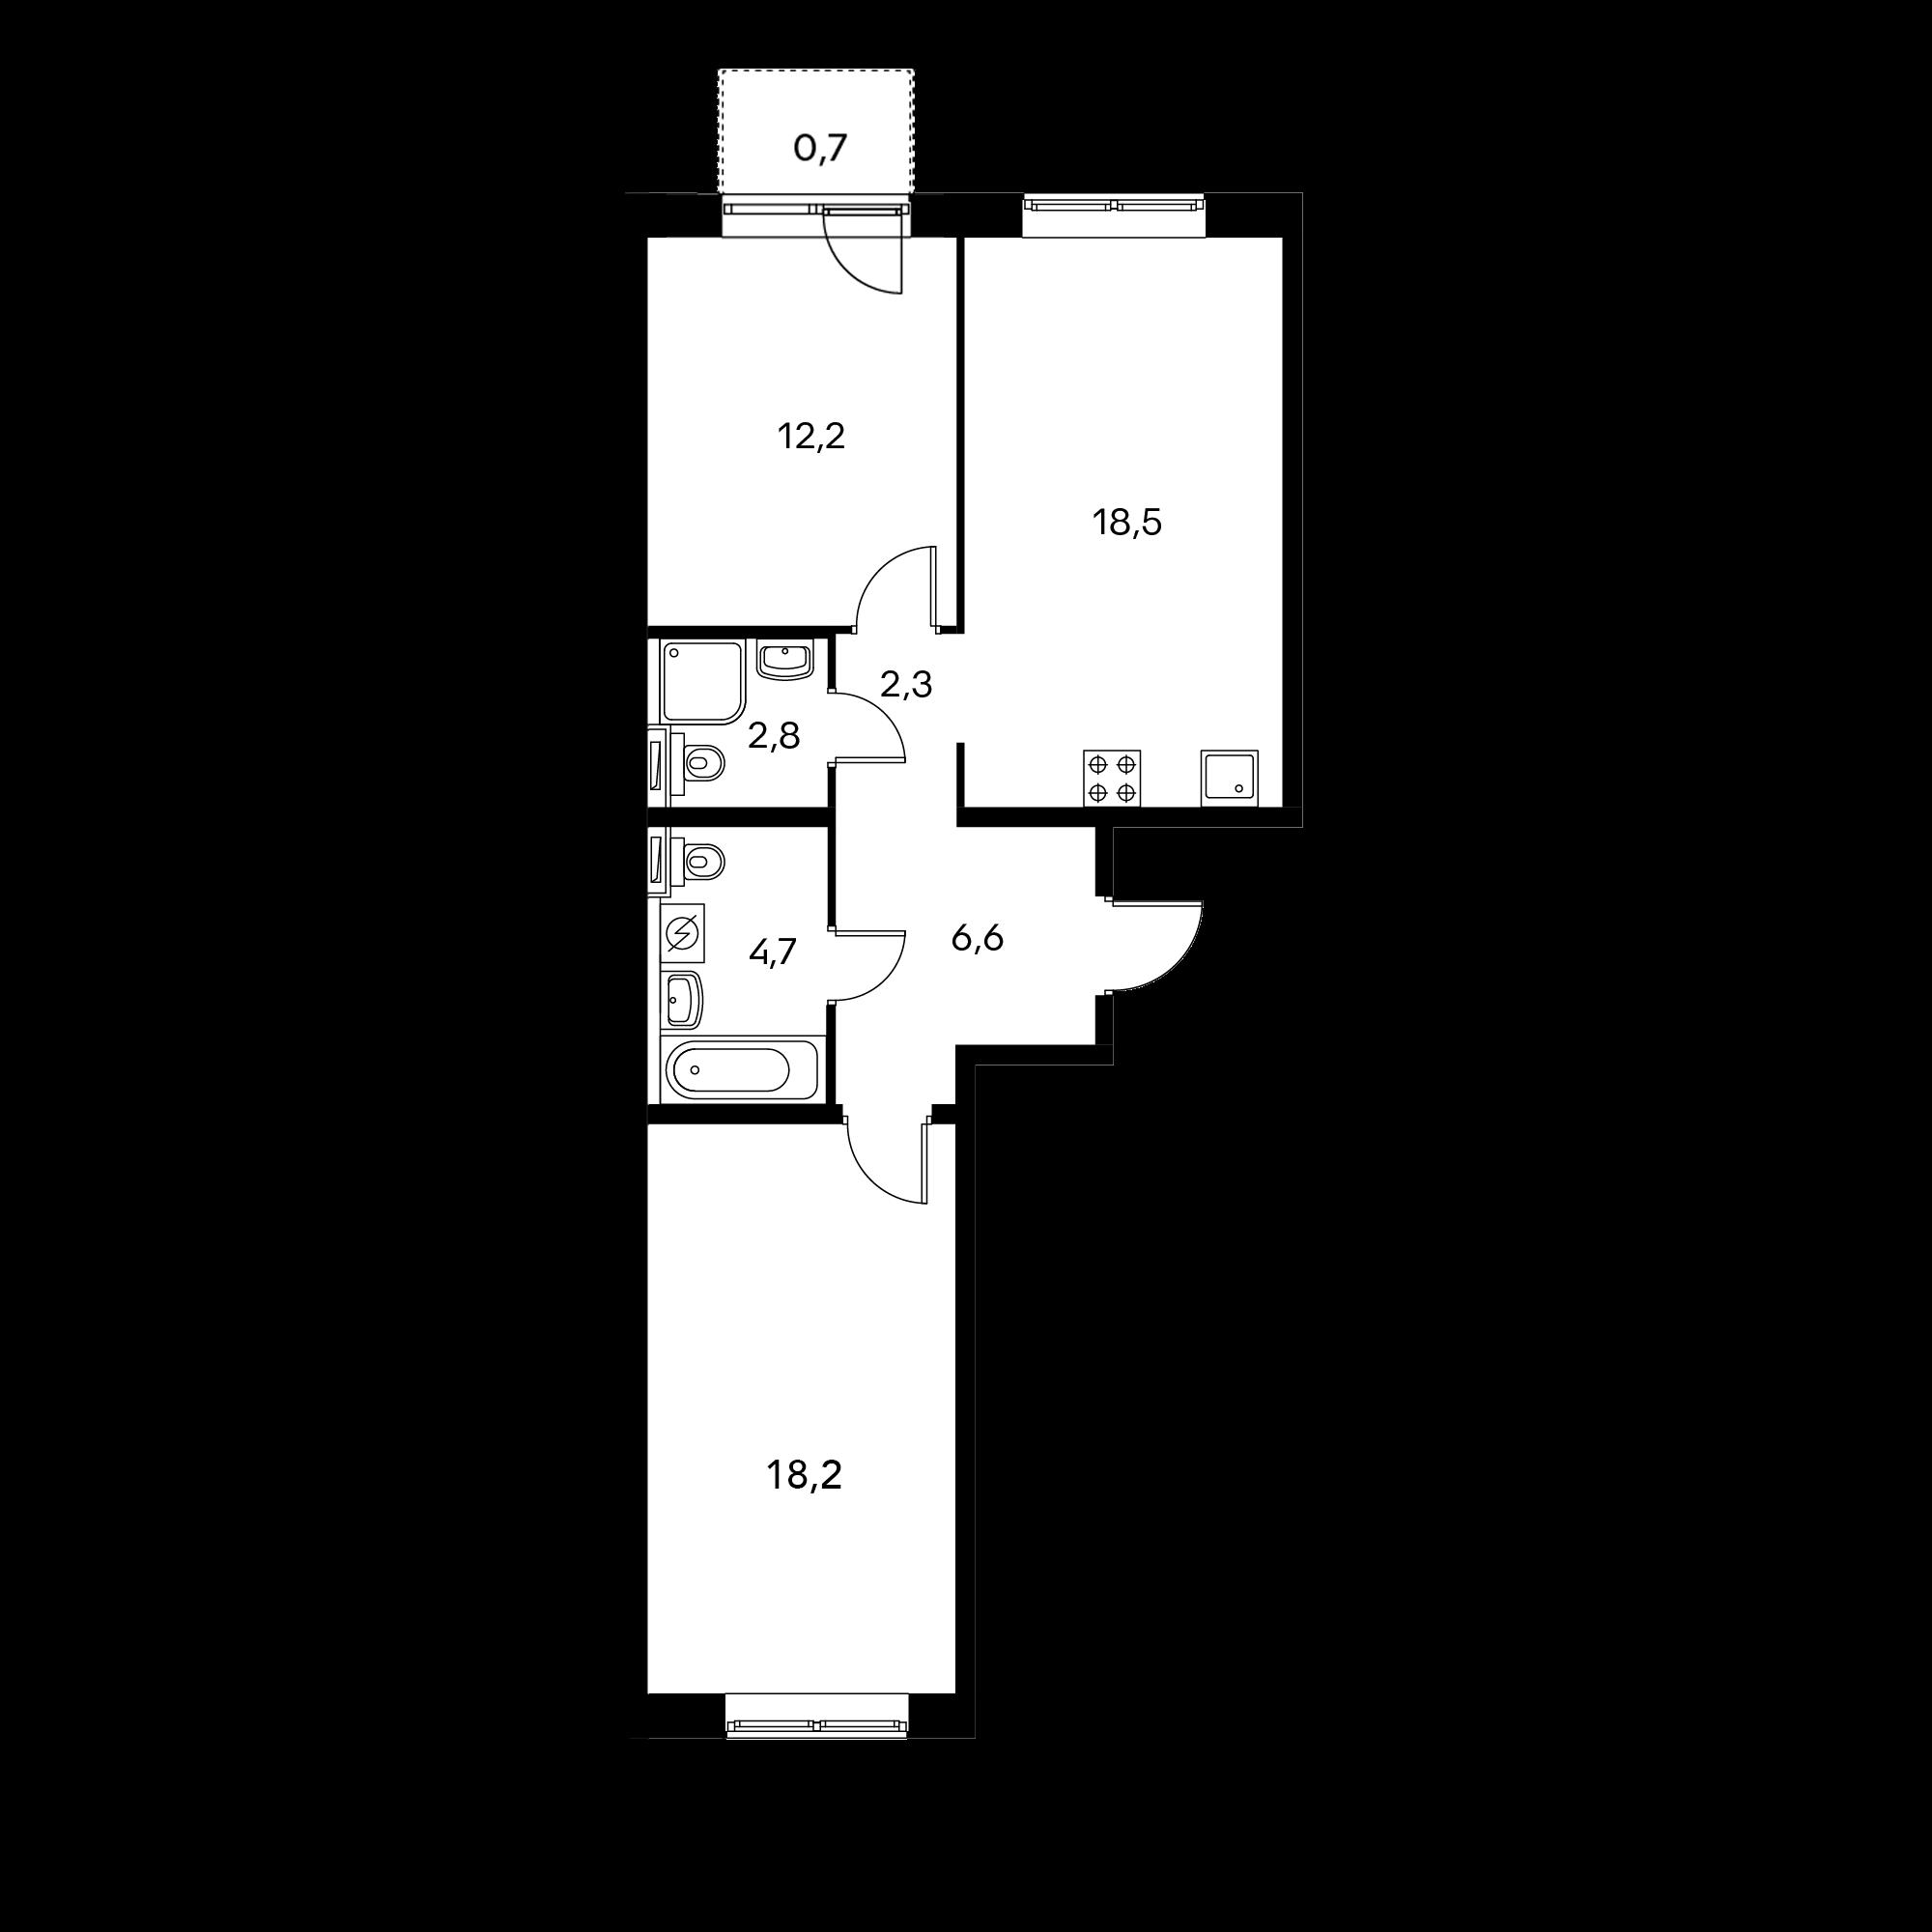 2EL3_6.6-1SZTB1